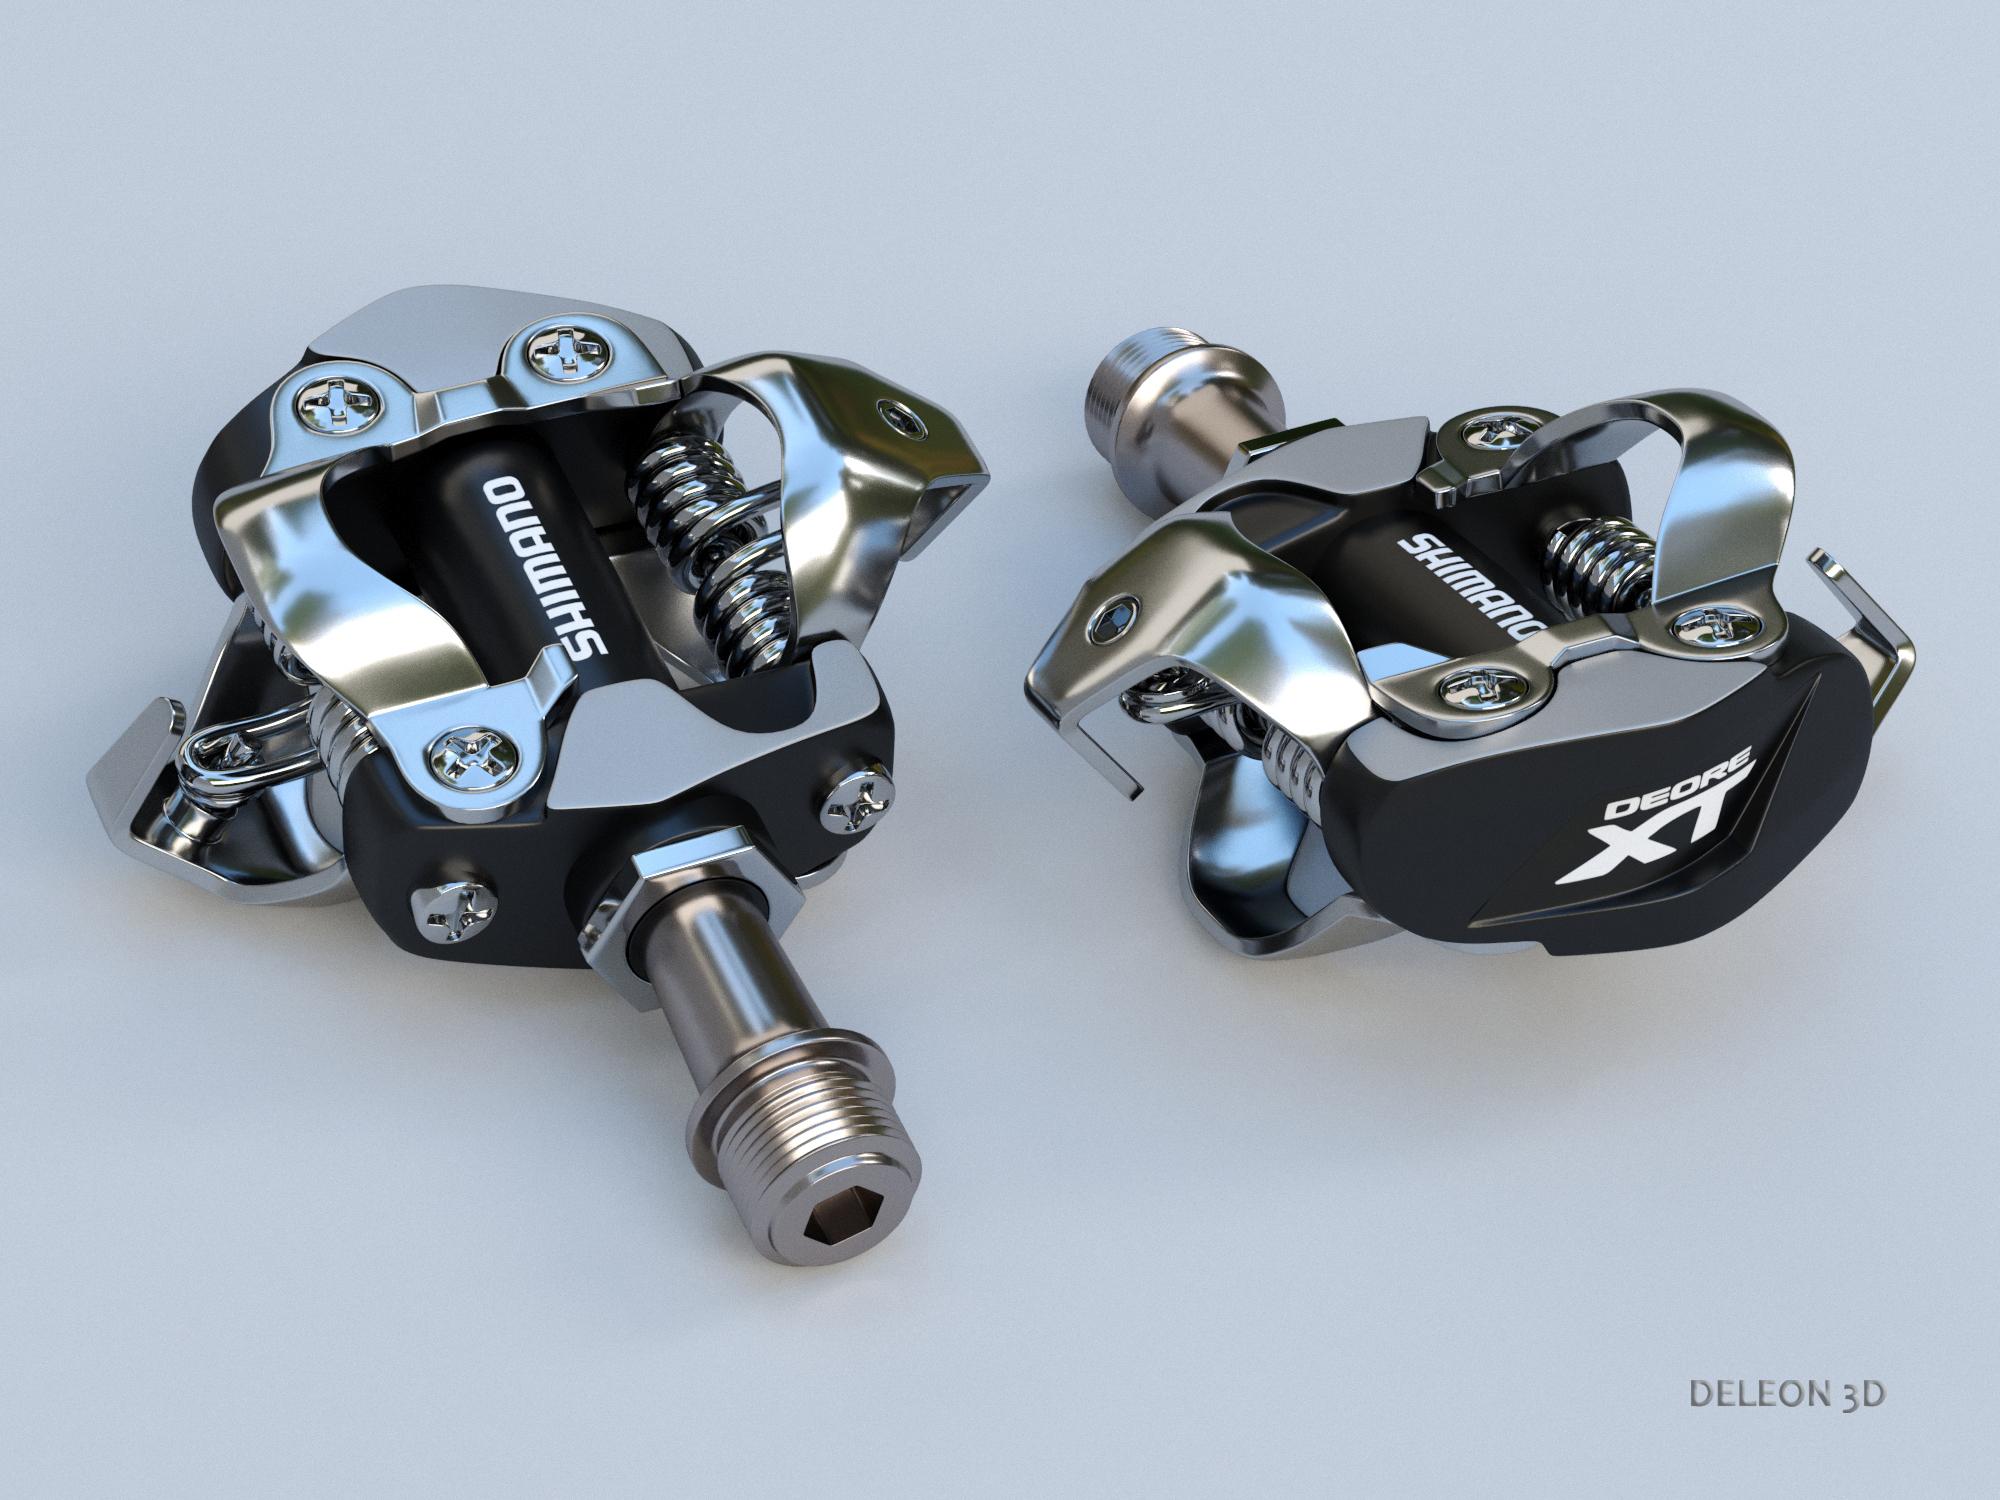 klipsli shimano spd pedallar 3d model max fbx c4d lxo 279526